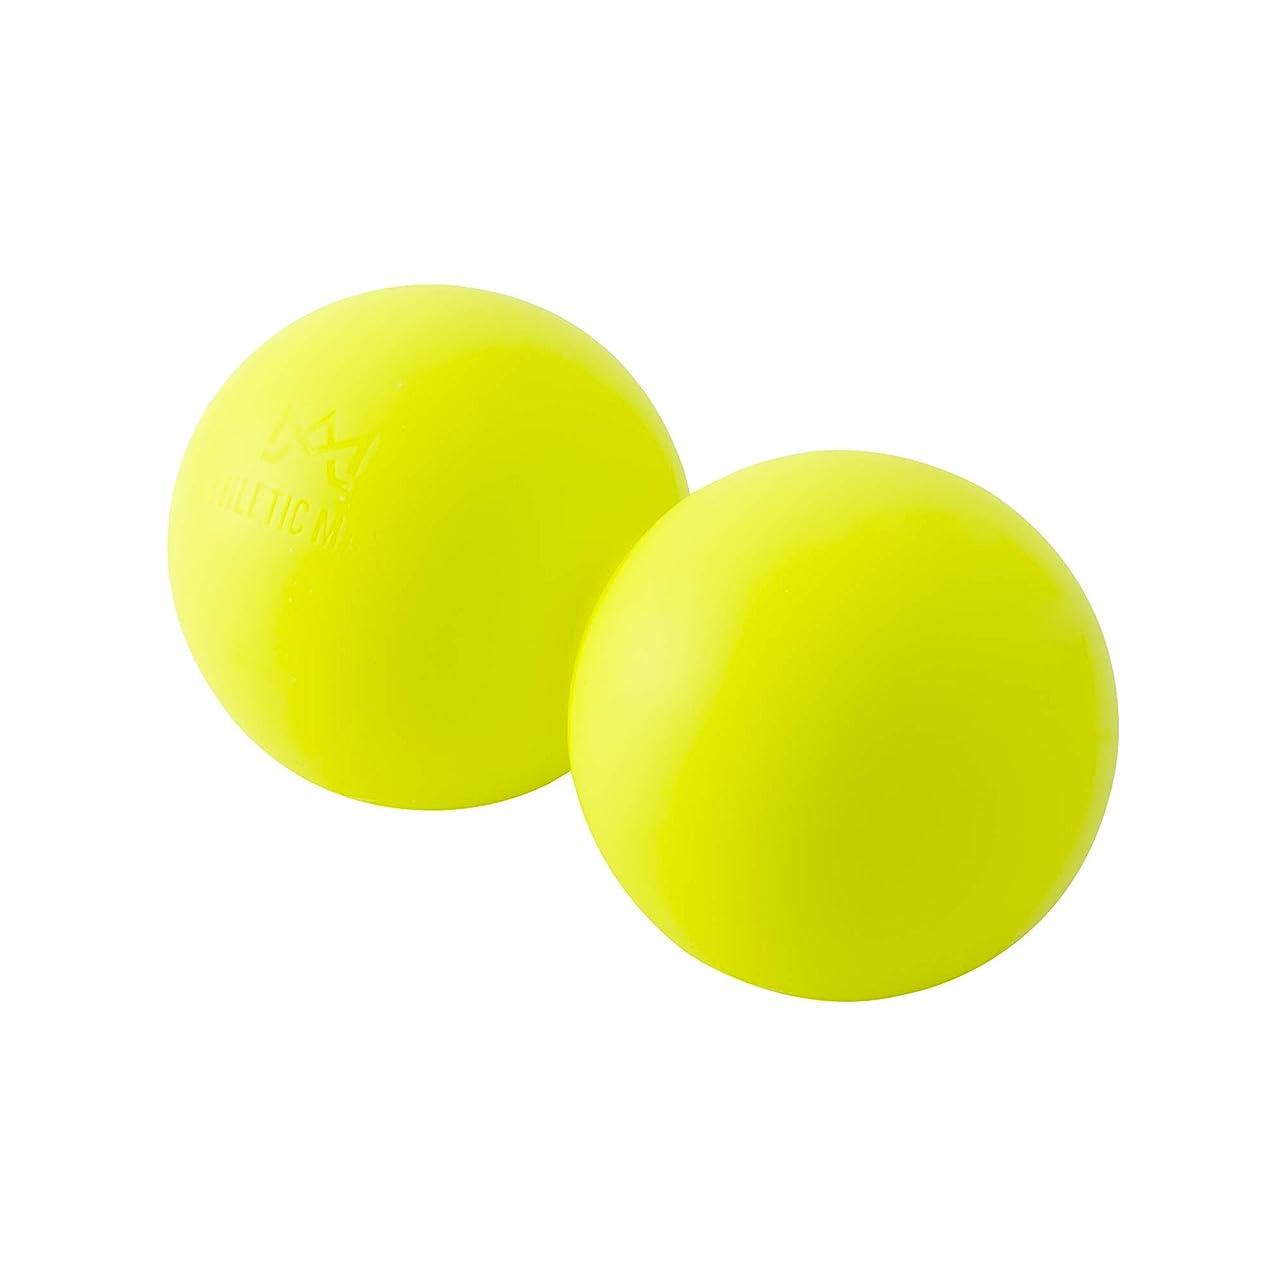 分泌する宮殿道徳教育ATHLETIC MART ピーナッツ型ストレッチボール マッサージボール ラクロスボール2個サイズ ツボ押し (蛍光イエロー)